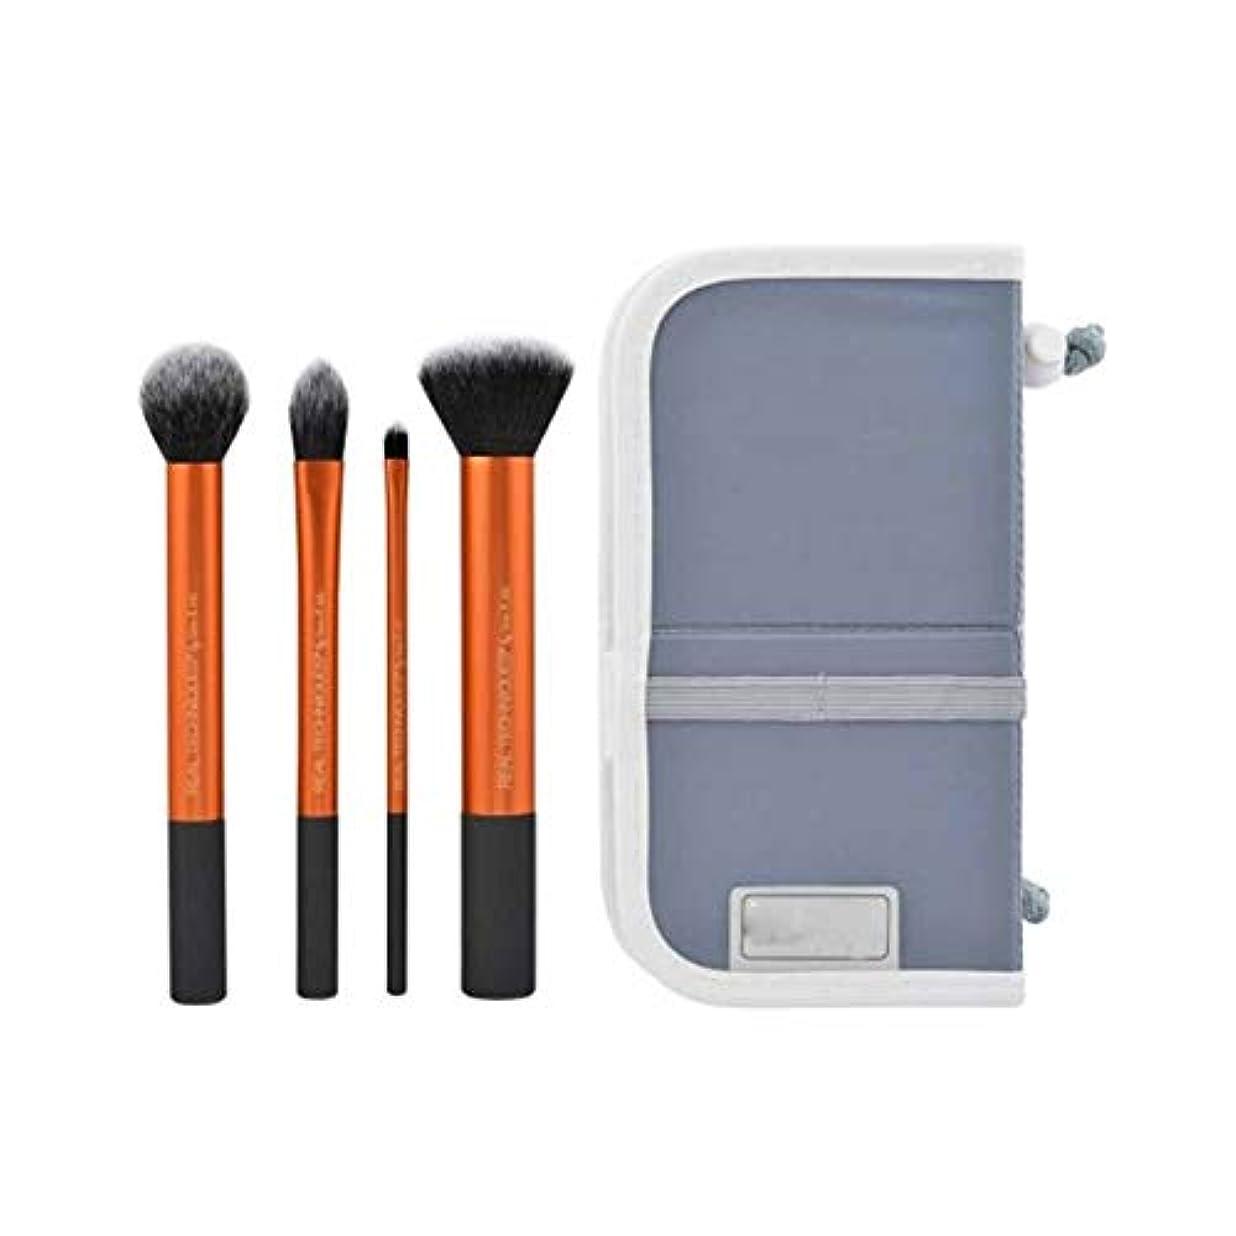 巻き戻すわかる粘土XIAOCHAOSD メイクブラシ、メイクメイクブラシセット、輪郭ブラシリップブラシ、散布ブラシ、チークブラシ、4点セット、簡単に運ぶために (Color : Orange)